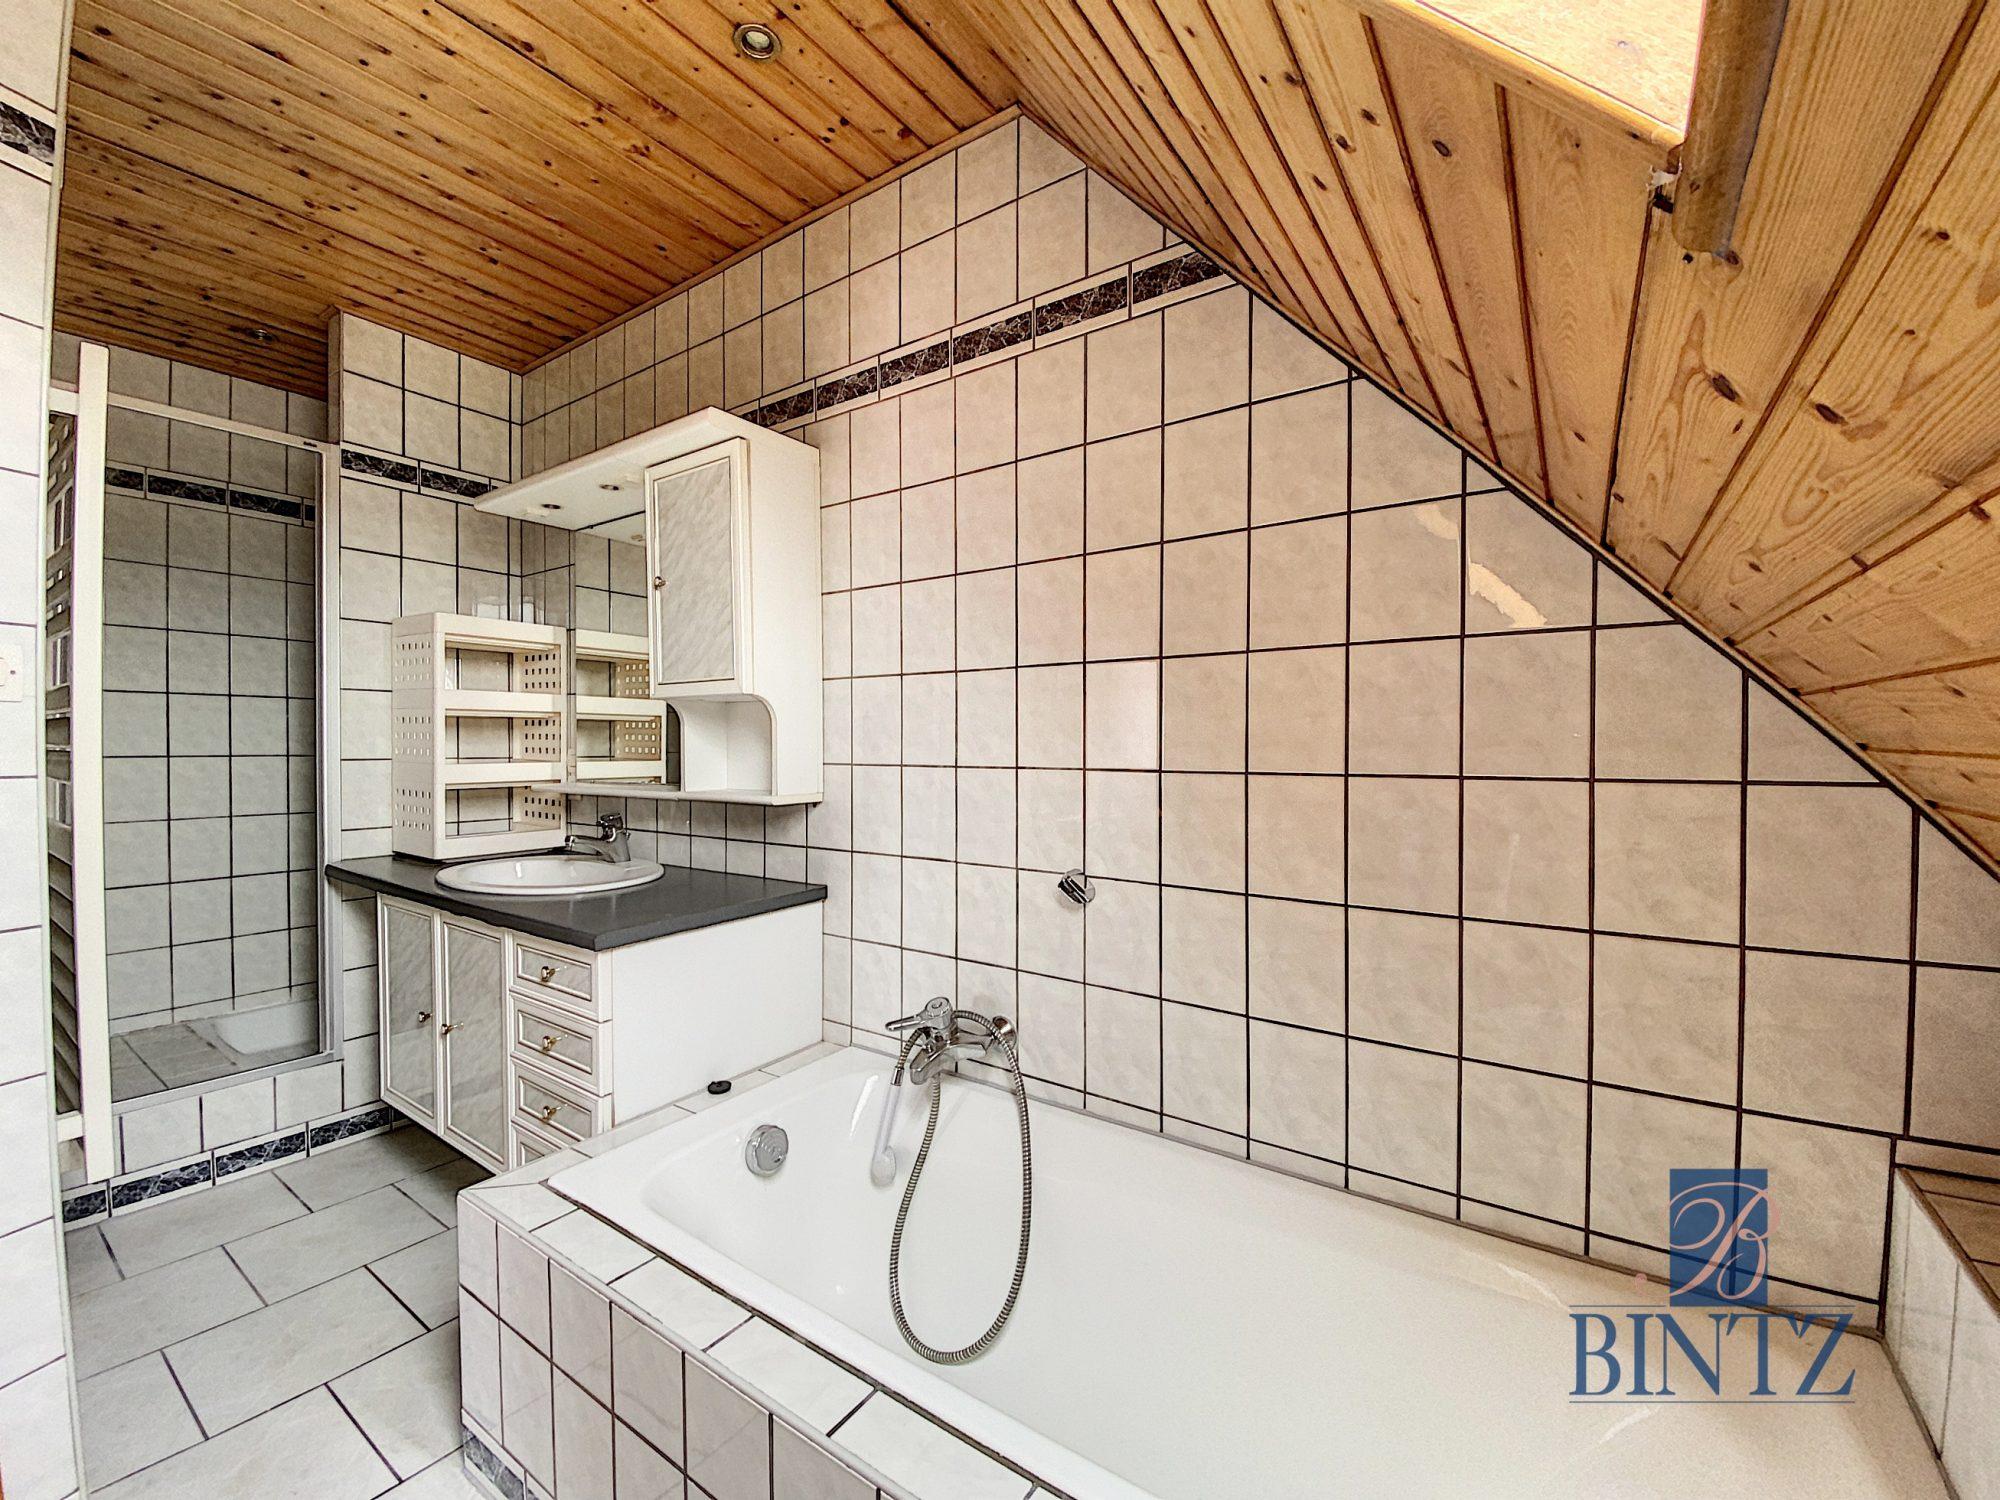 Charmant T3 Duplex avec belle terrasse - Devenez propriétaire en toute confiance - Bintz Immobilier - 11